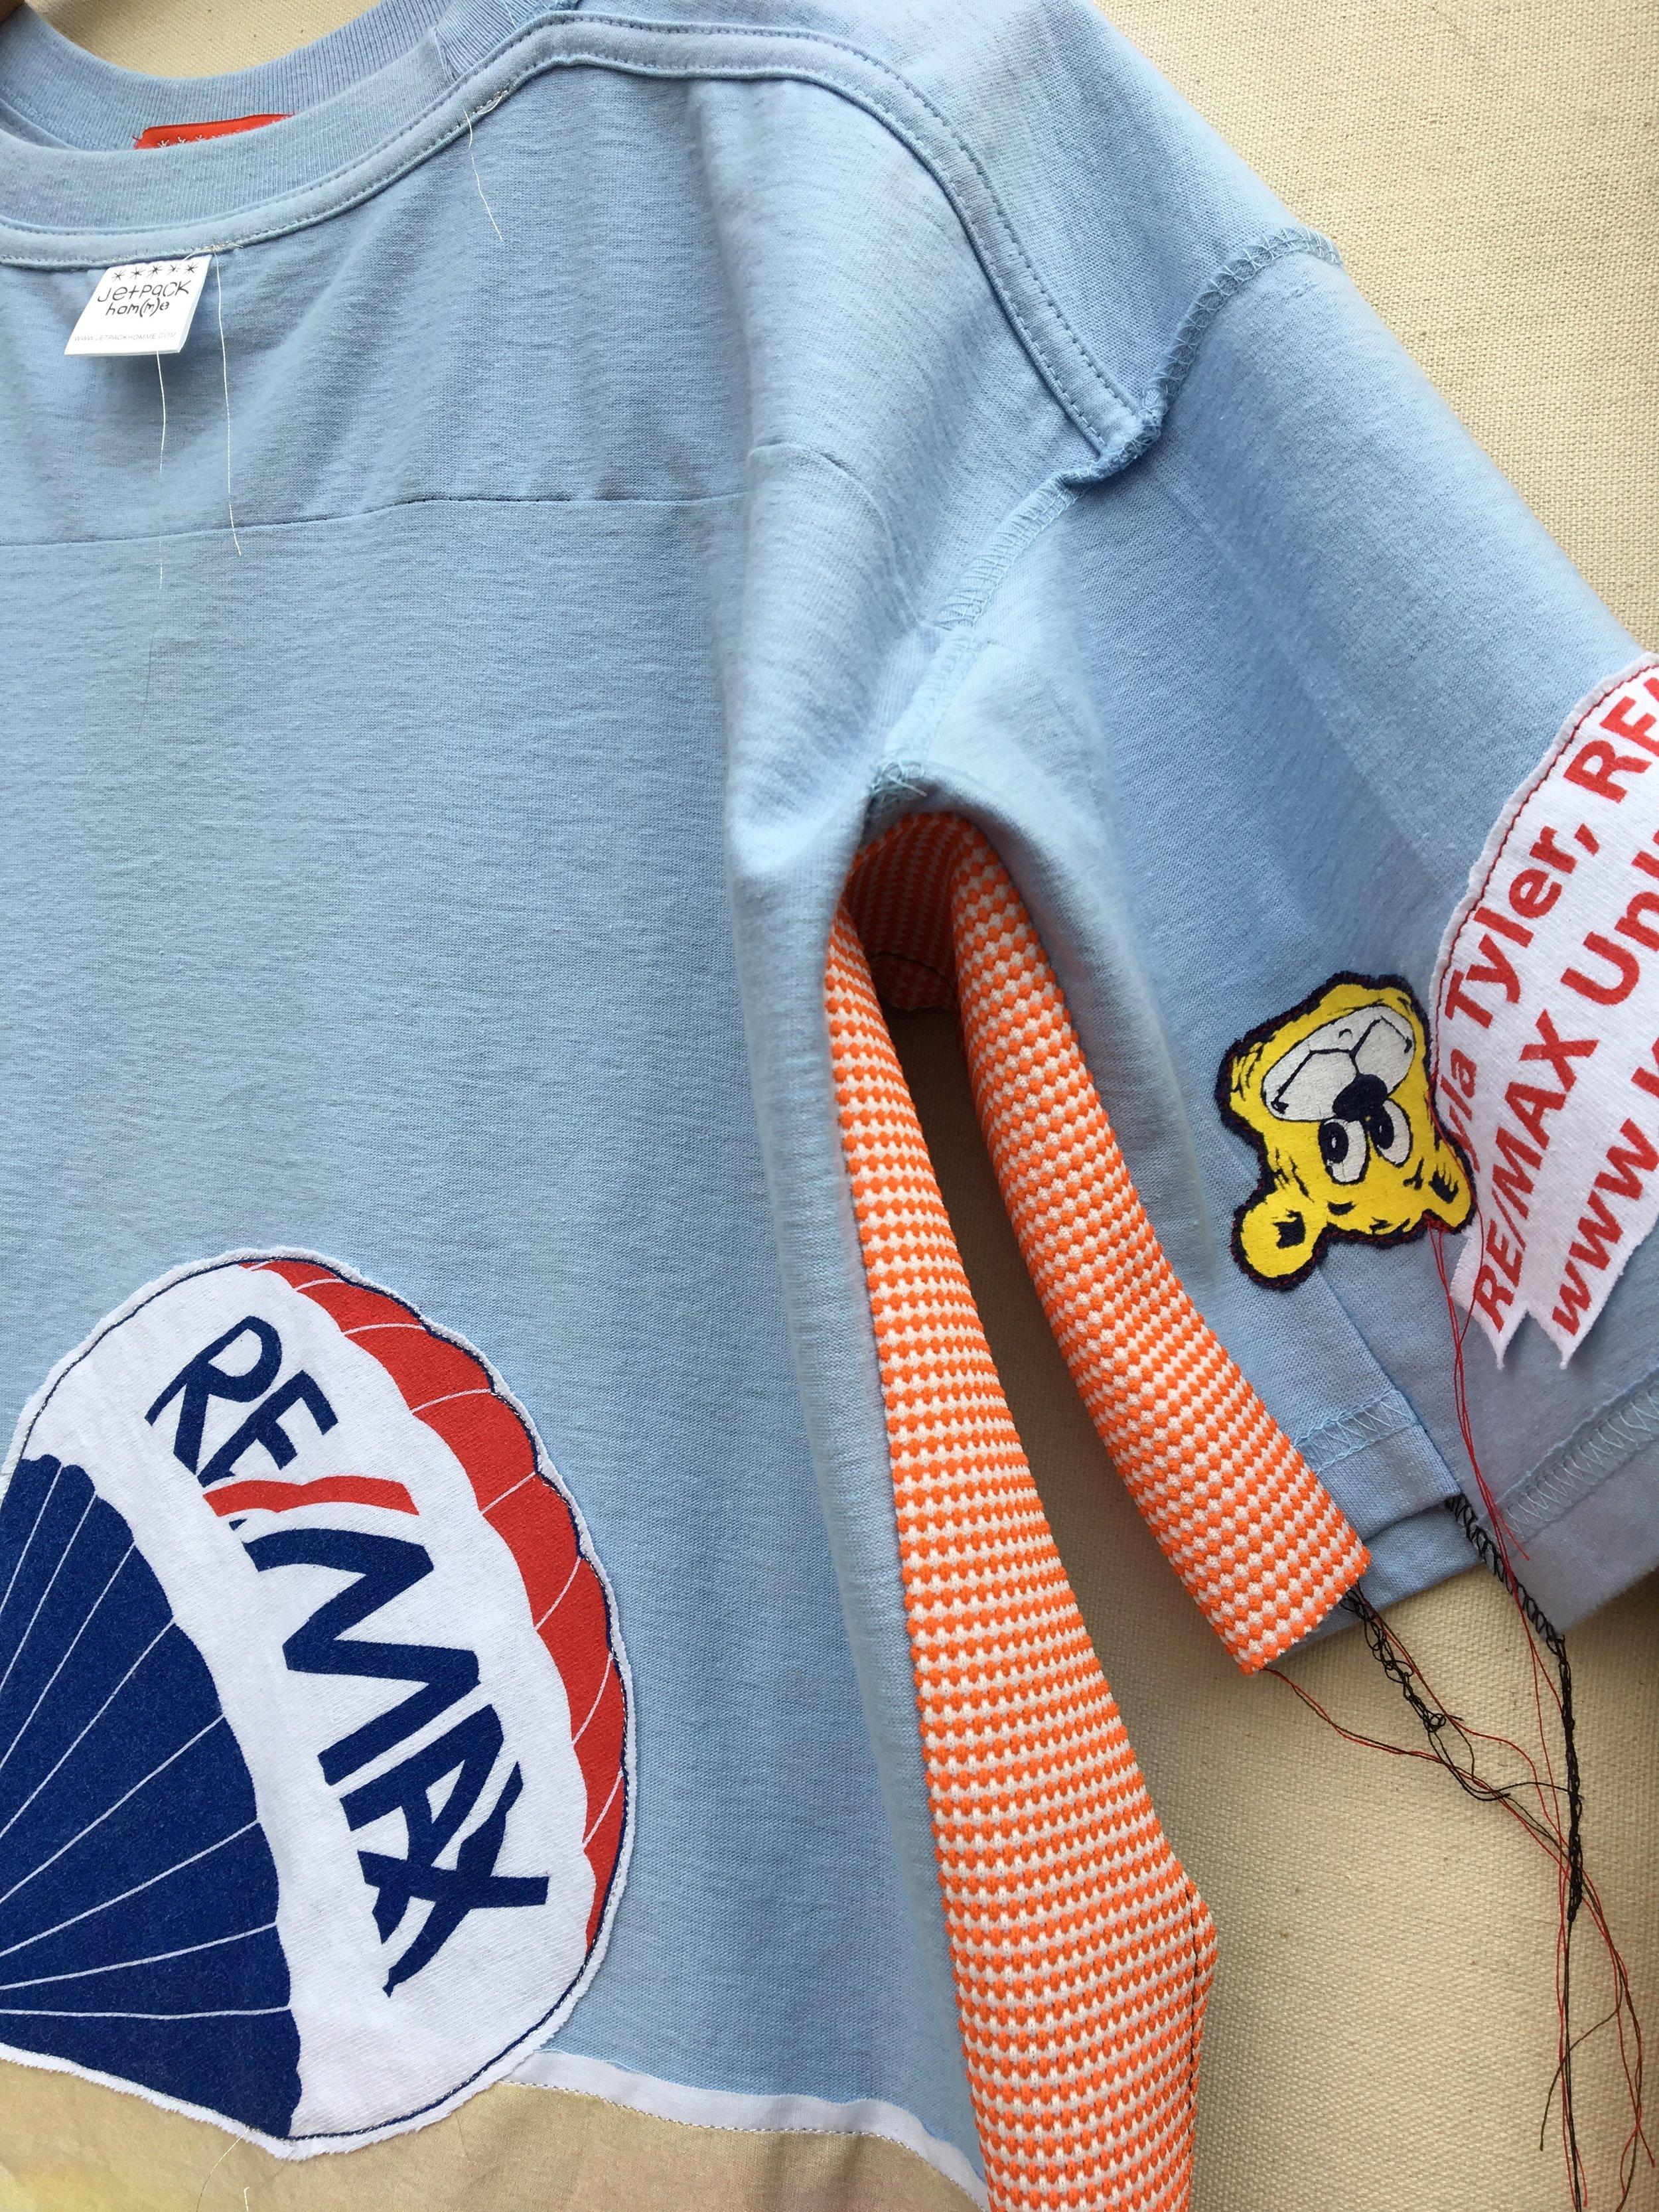 shirt 7_front detail.JPG